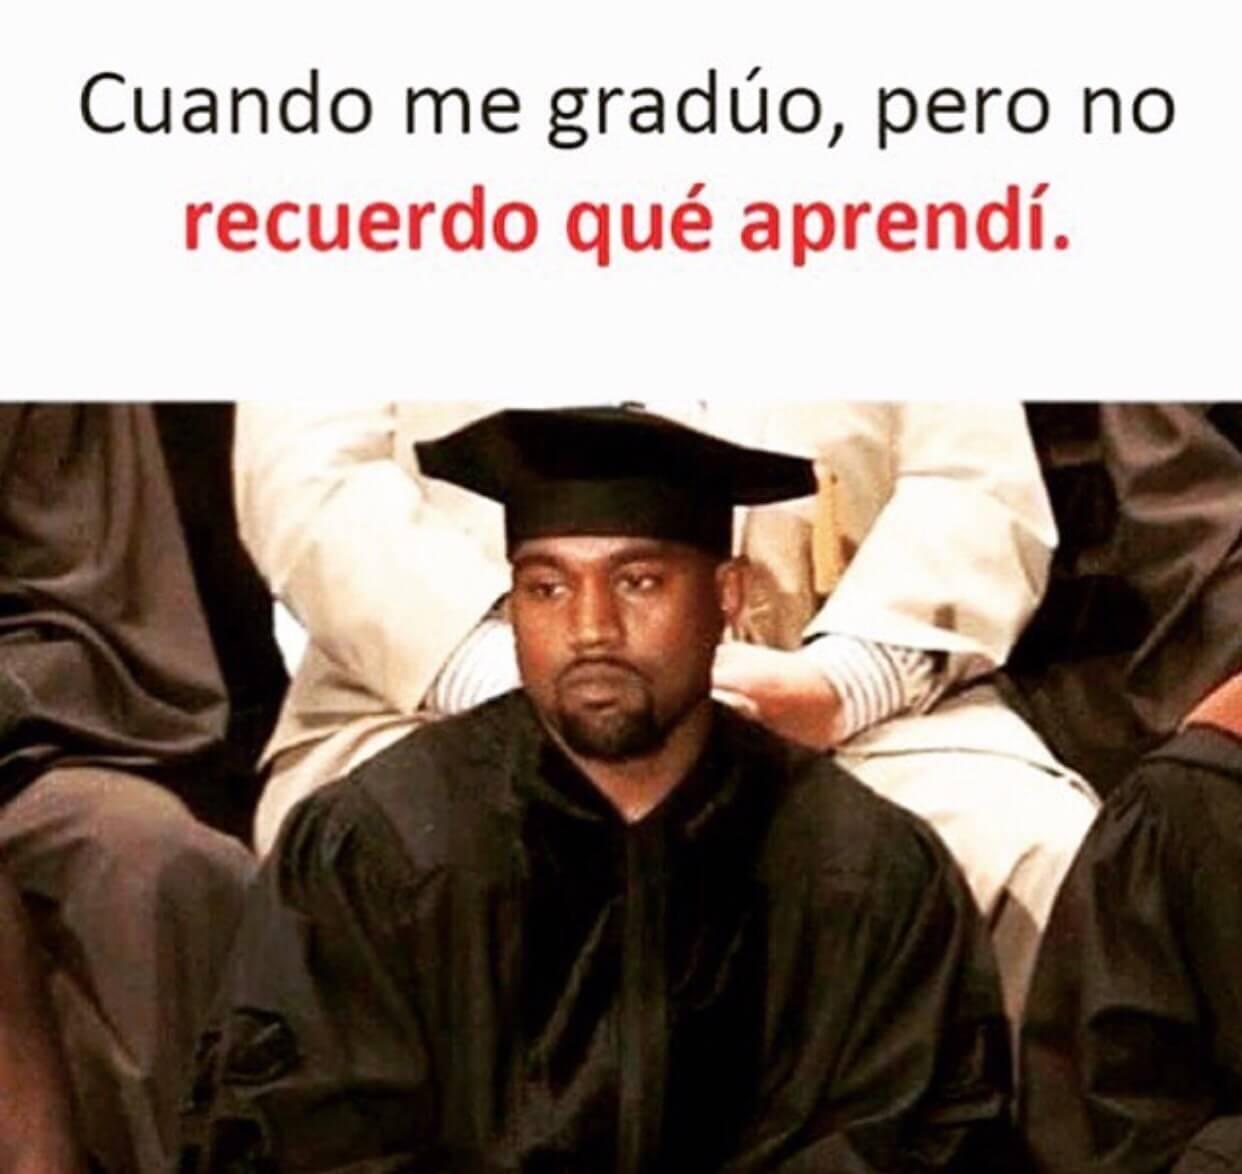 Cuando me graduo